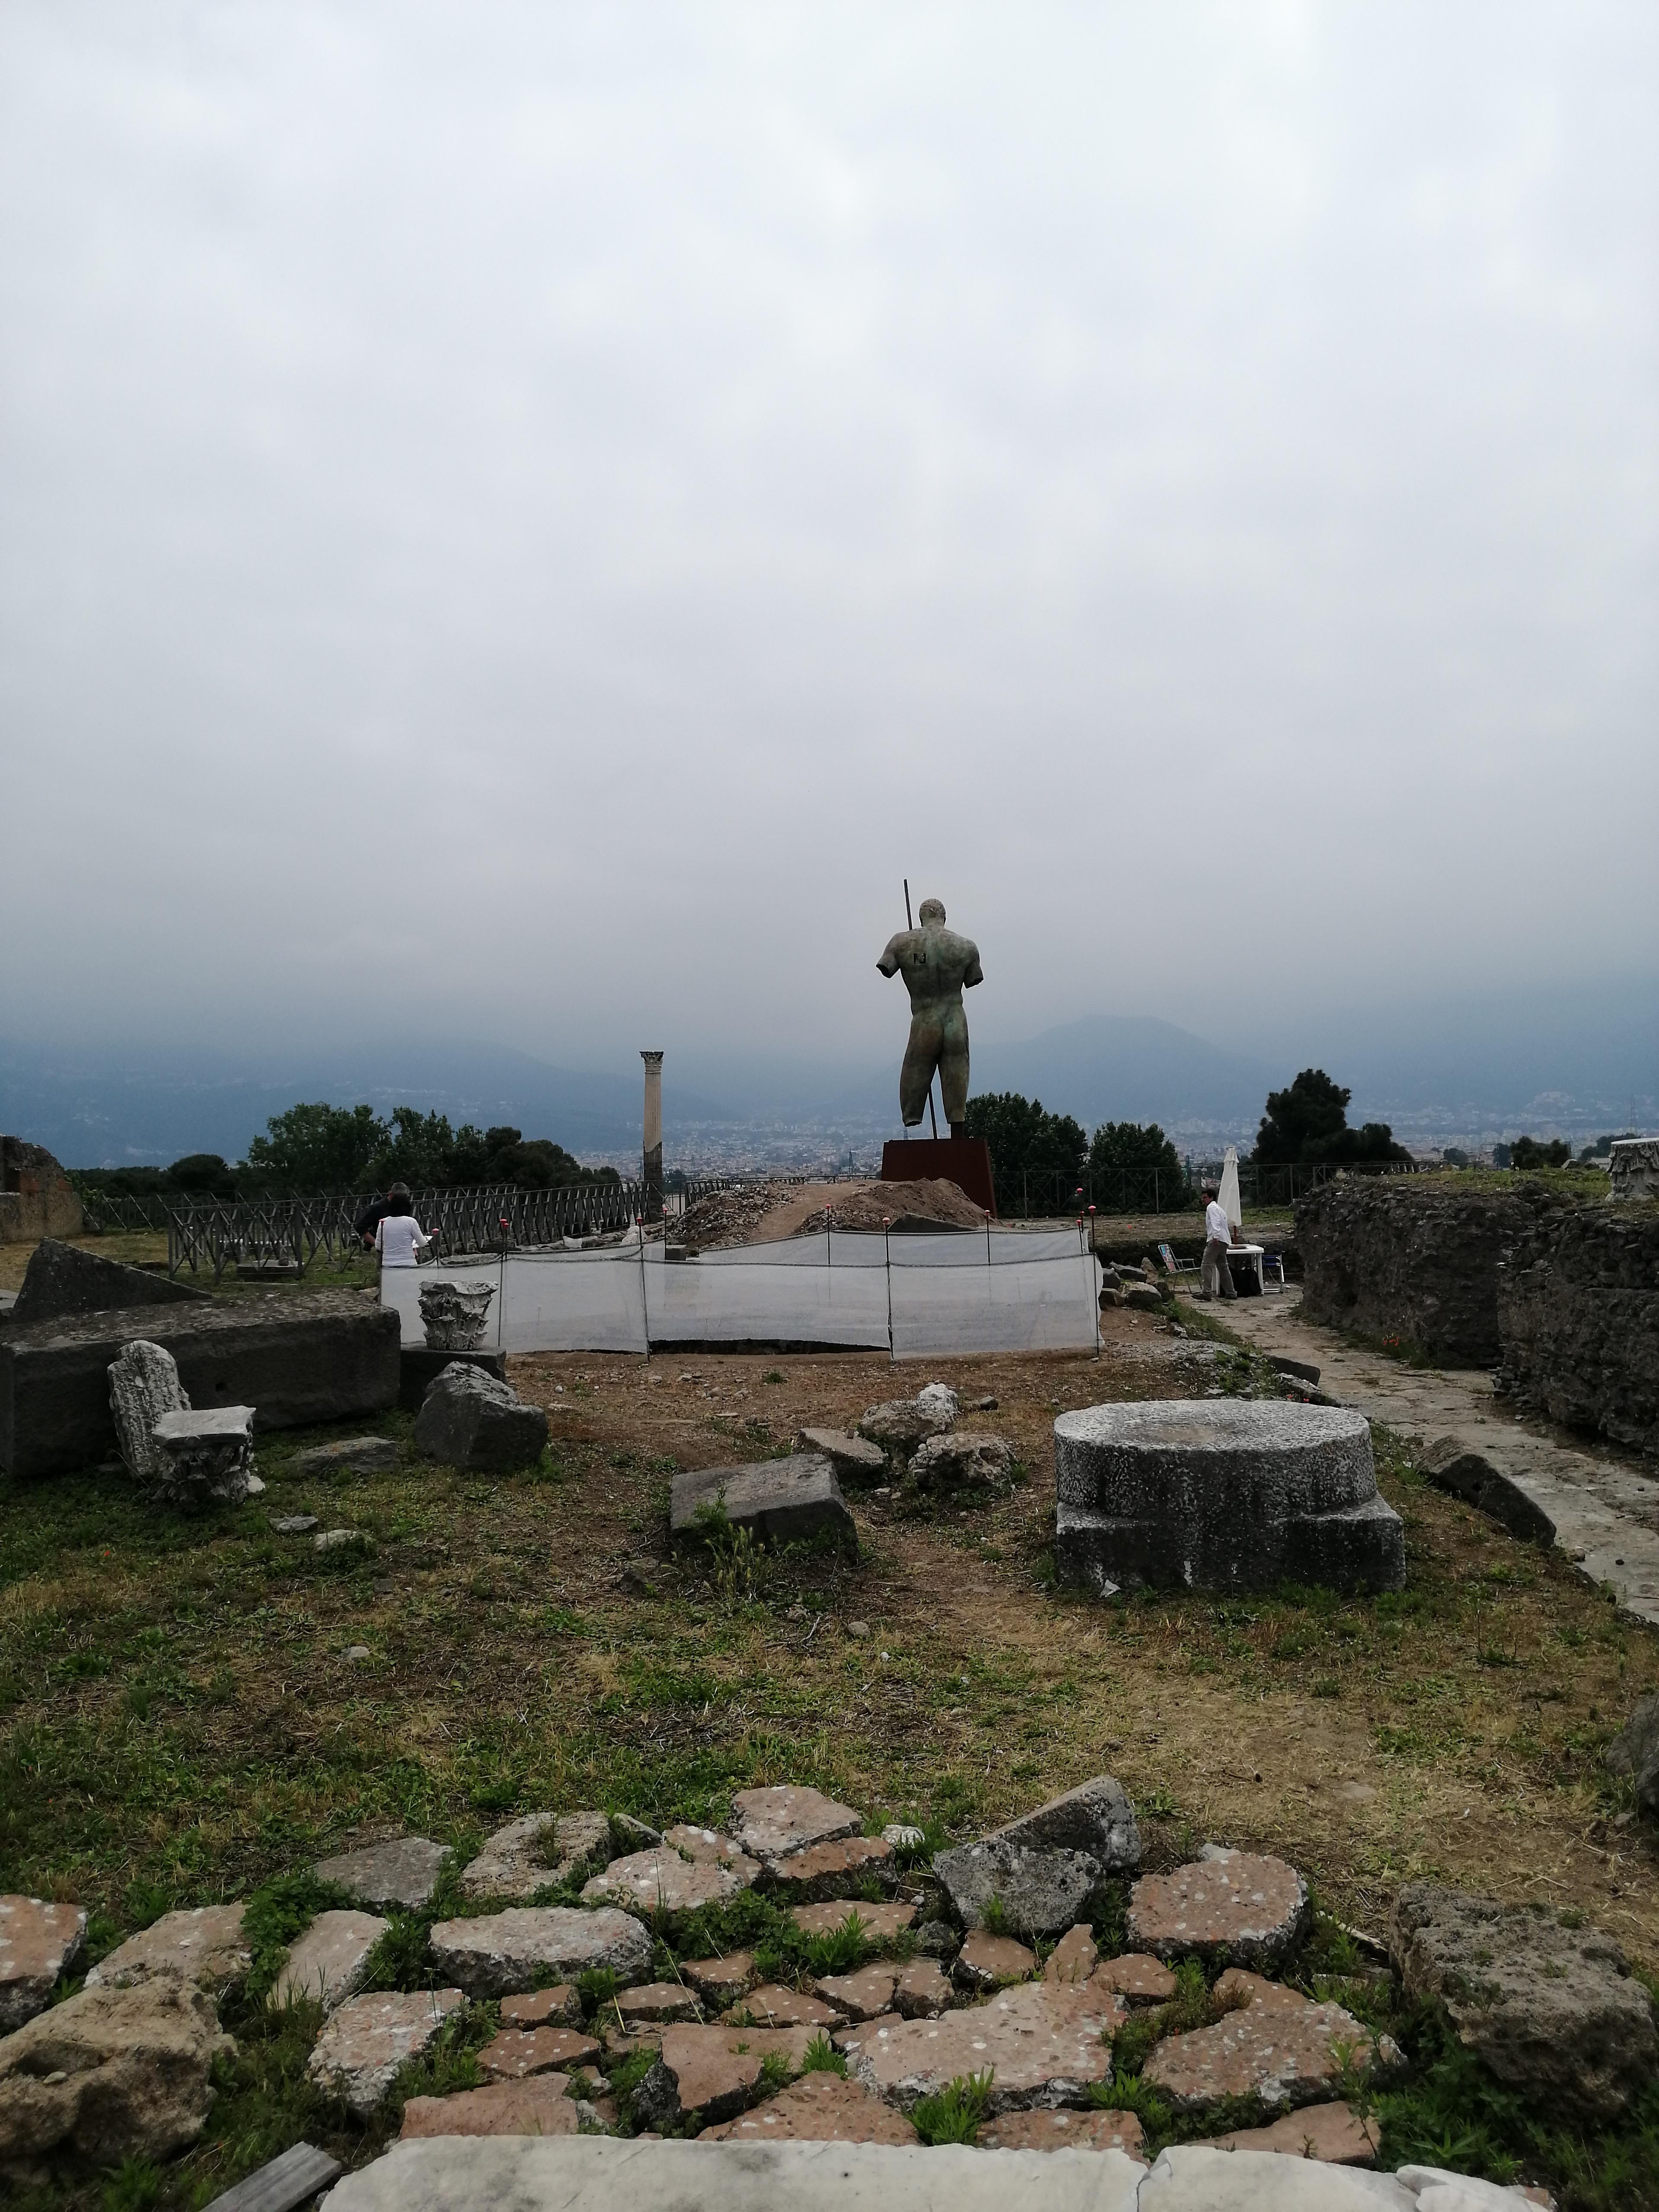 Pompeii Archological Park